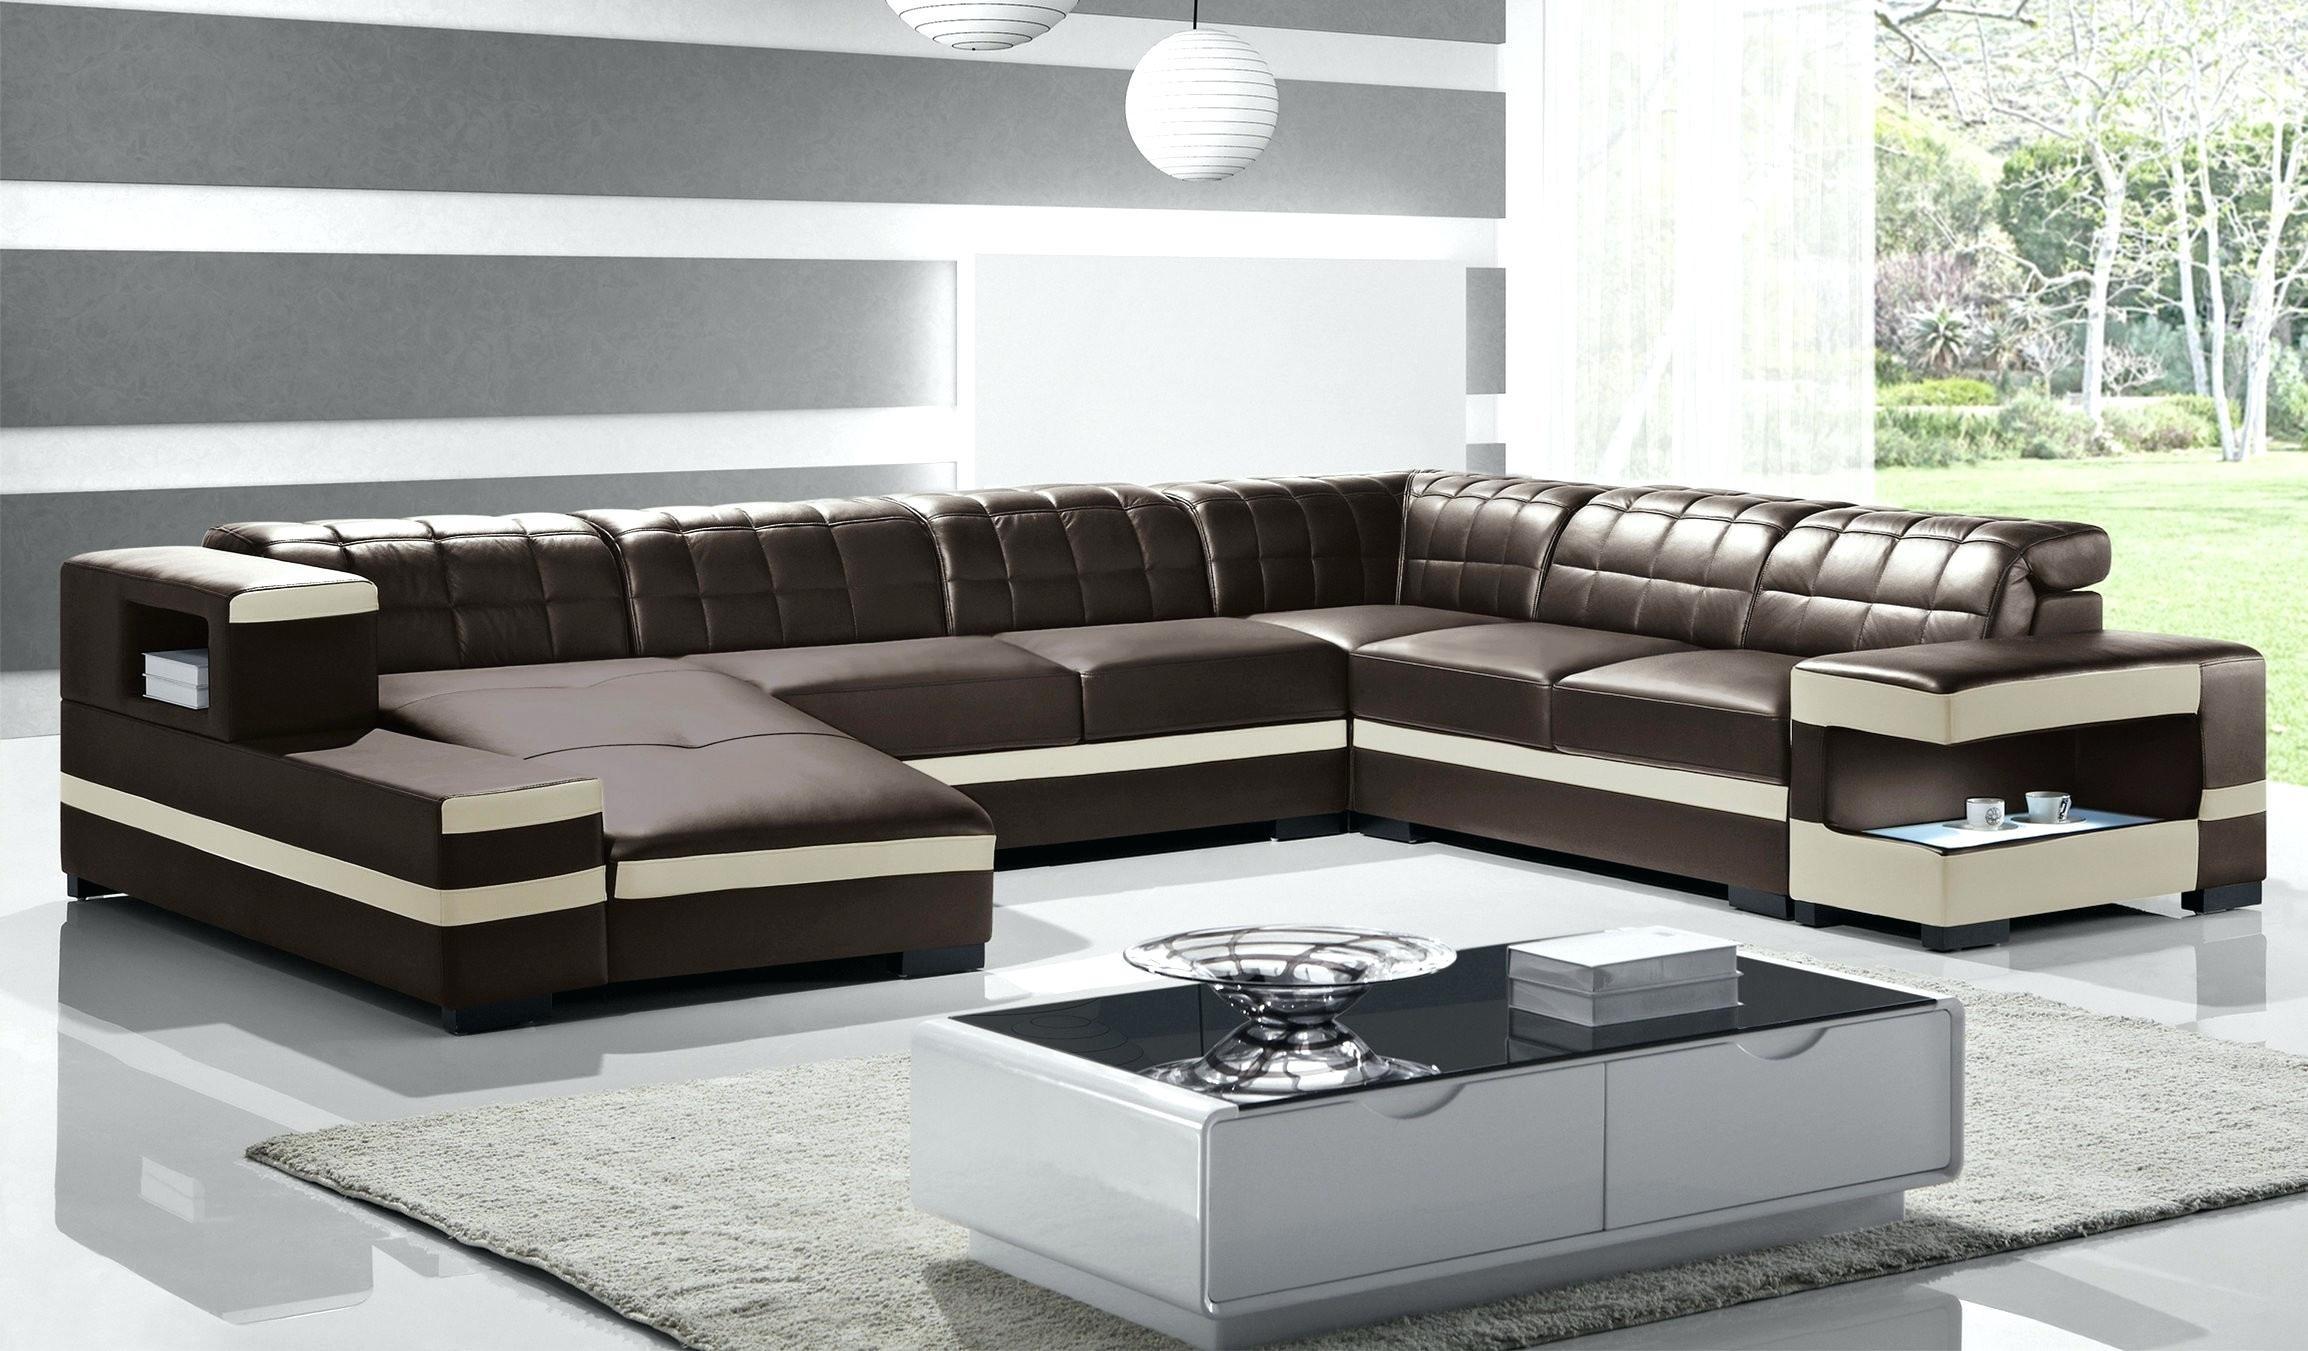 Canapé Nolan but Luxe Photos Incroyable Canapé Gris Design Décor  La Maison Et Intérieur